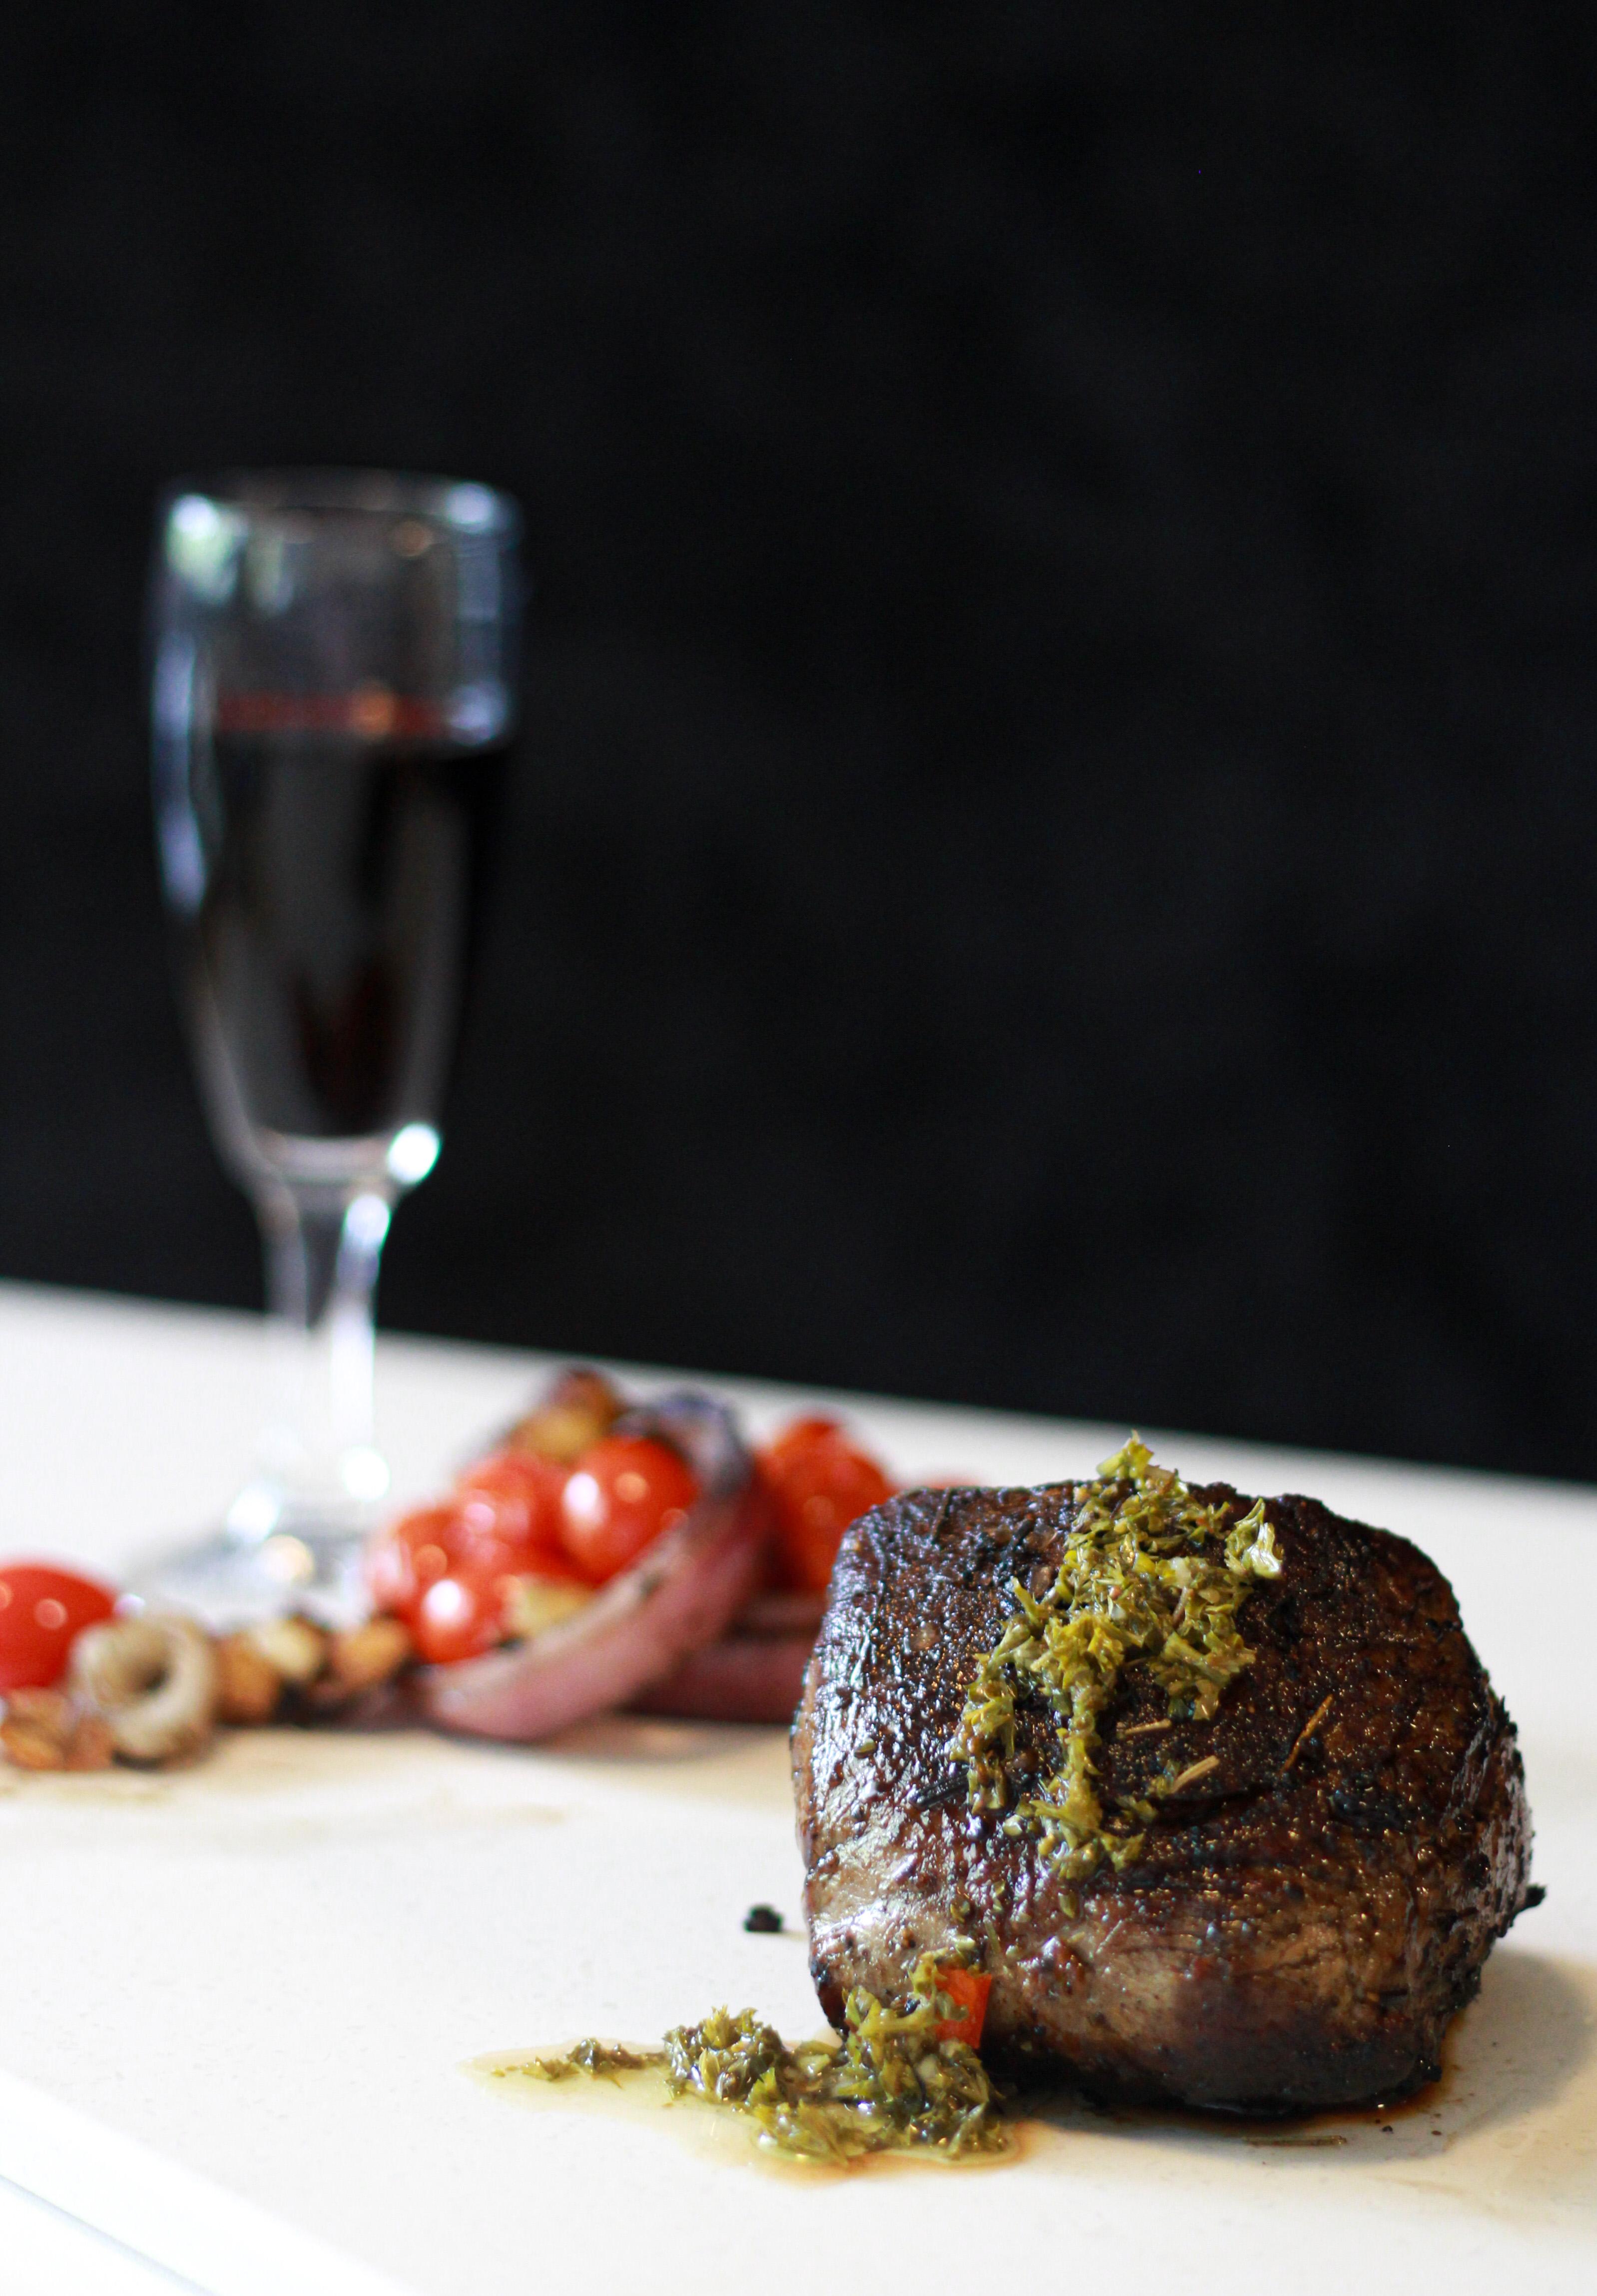 Alcohol tasting with Medium Rare Steak